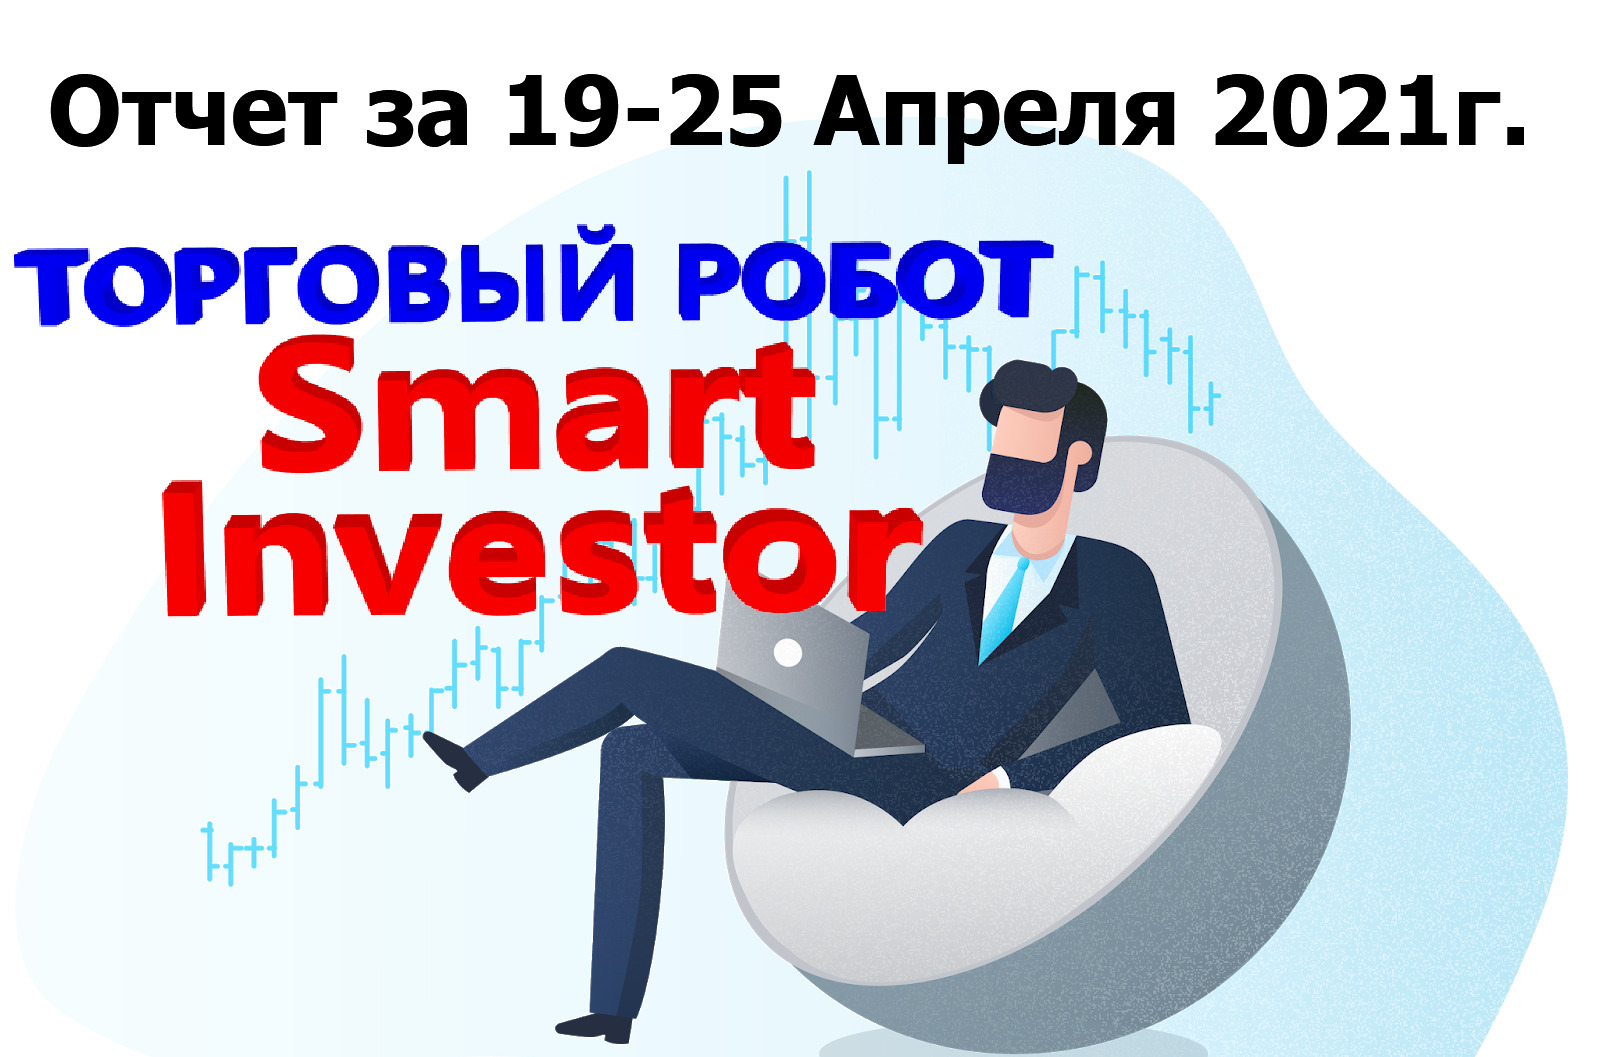 Отчет-SmartInvestor-19-25-Апреля-2021